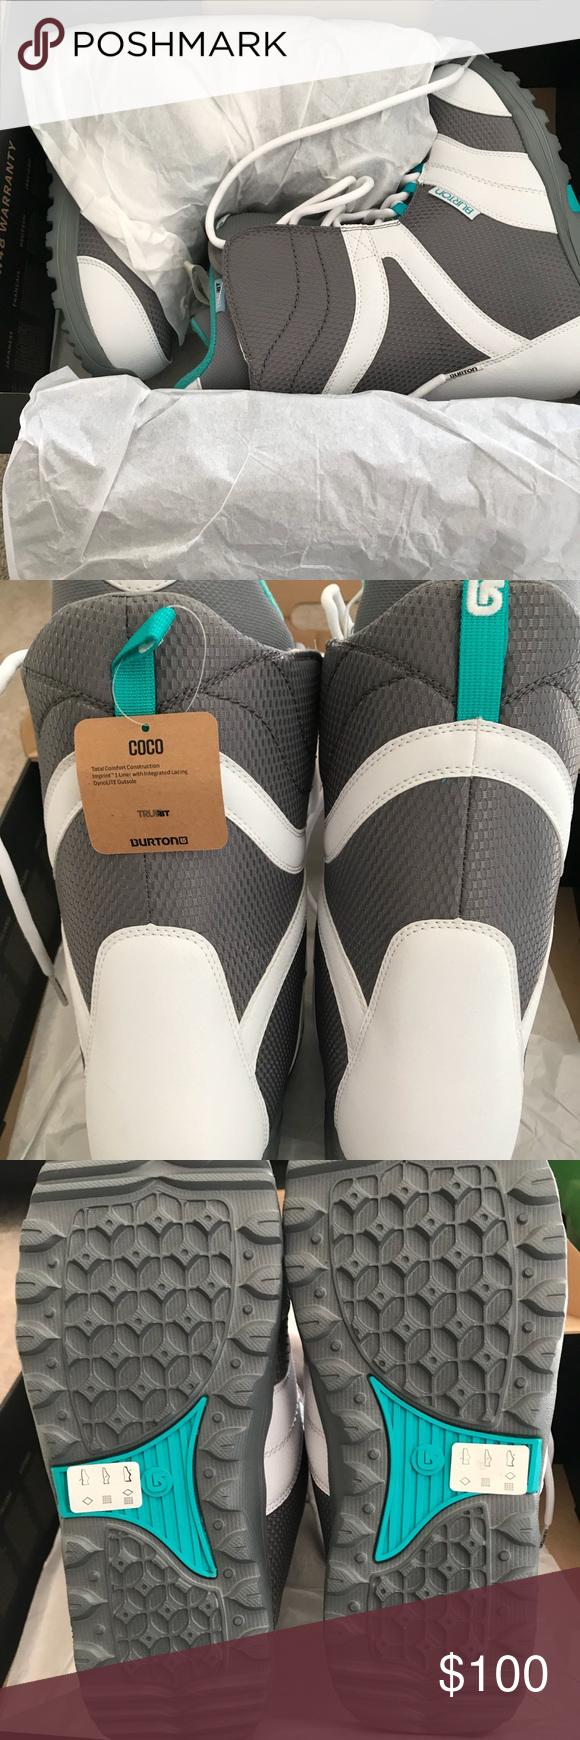 Burton Coco Snowboard Boots Burton Brand Coco Style White